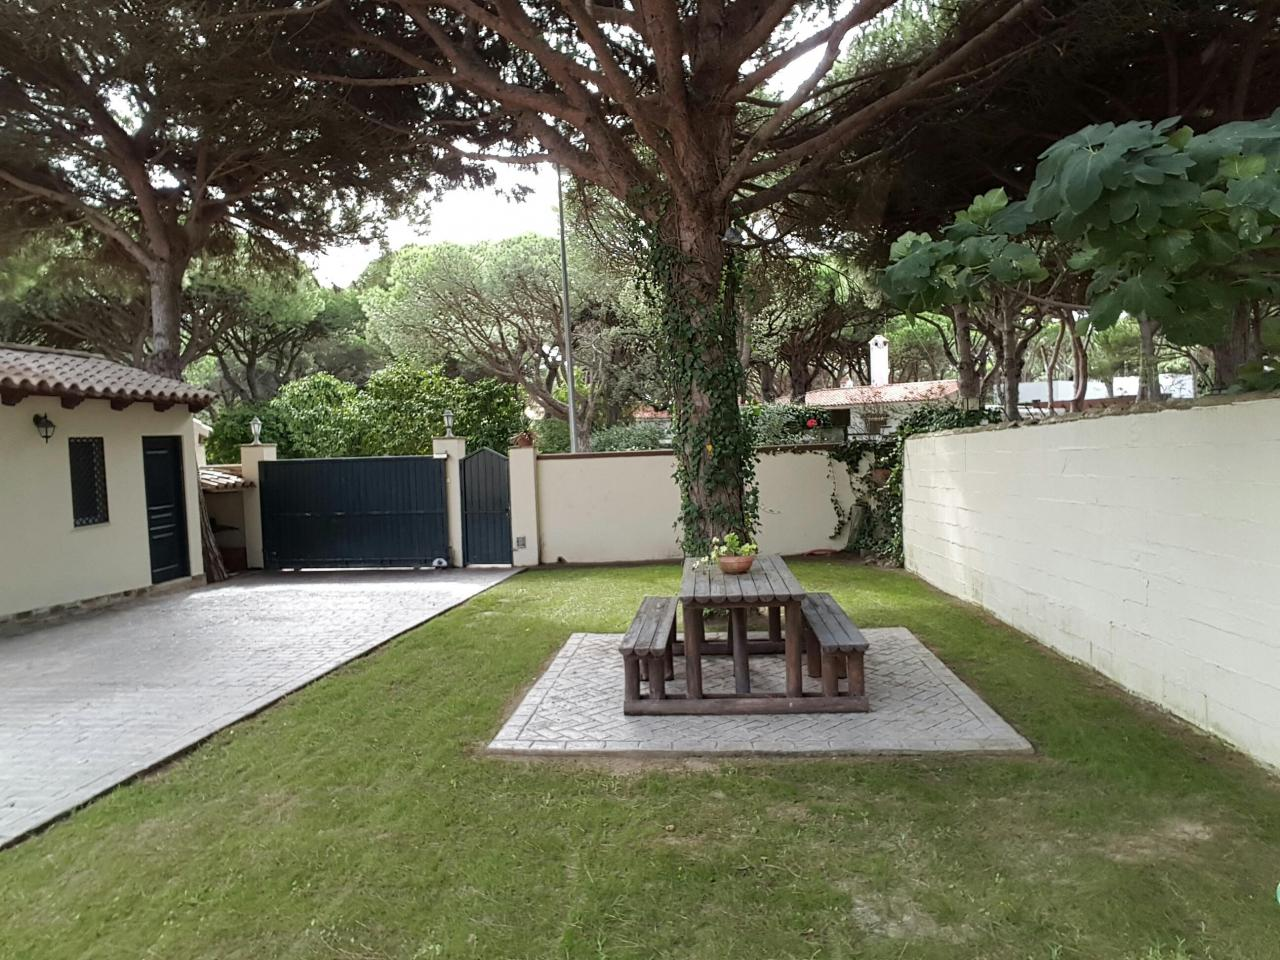 Apartamento vacacional Chiclana de la Frontera, Cádiz